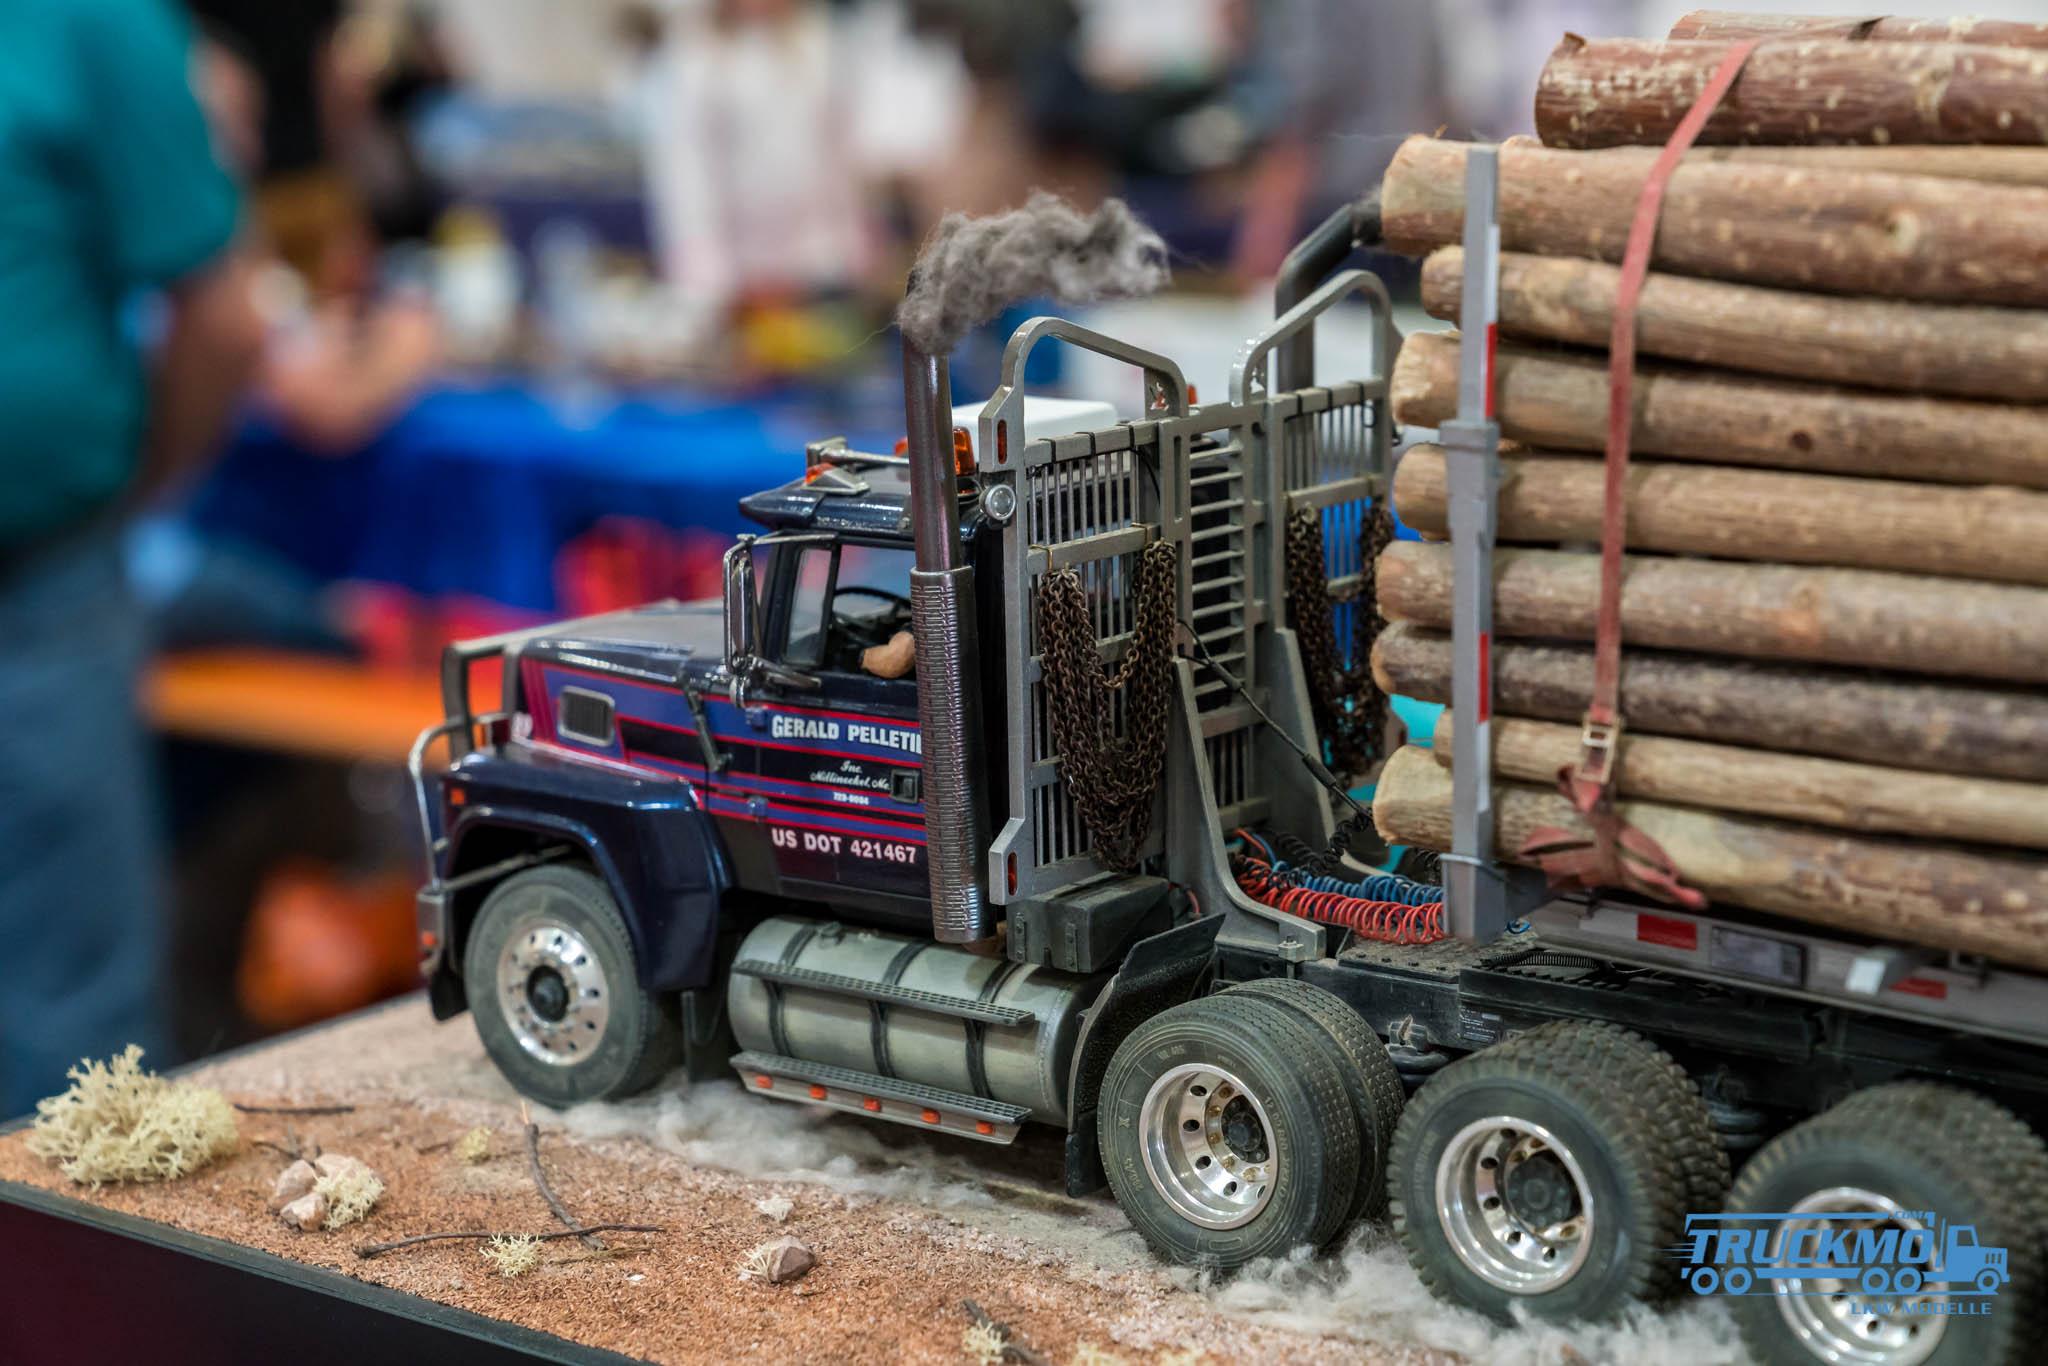 Truckmo_Modellbau_Ried_2017_Herpa_Messe_Modellbauausstellung (396 von 1177)